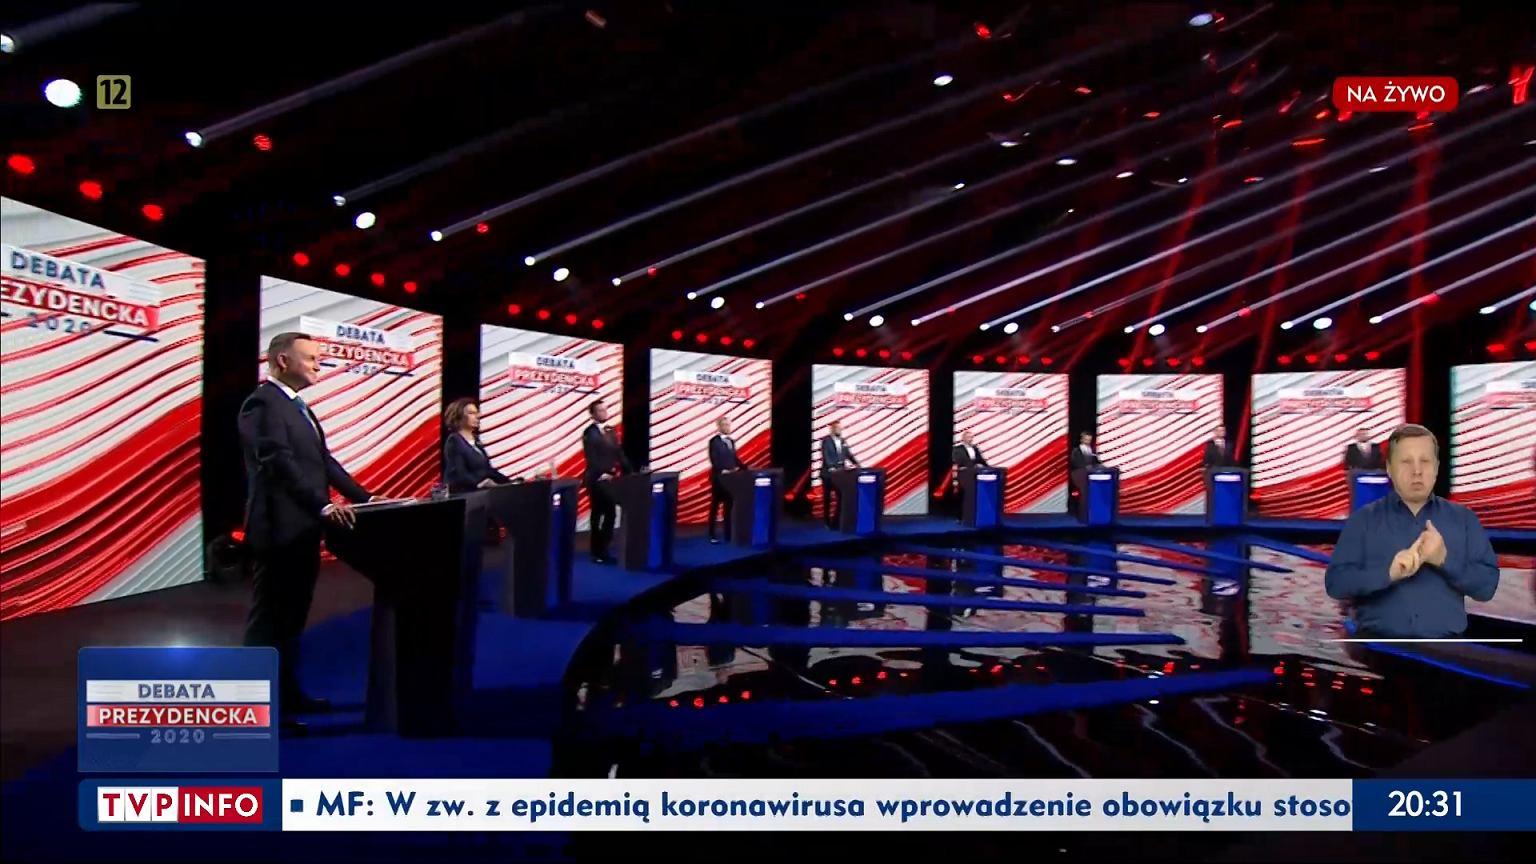 Debata prezydencka 2020: Kiedy się odbędzie? Gdzie oglądać? Kontrowersyjny zapis regulaminu